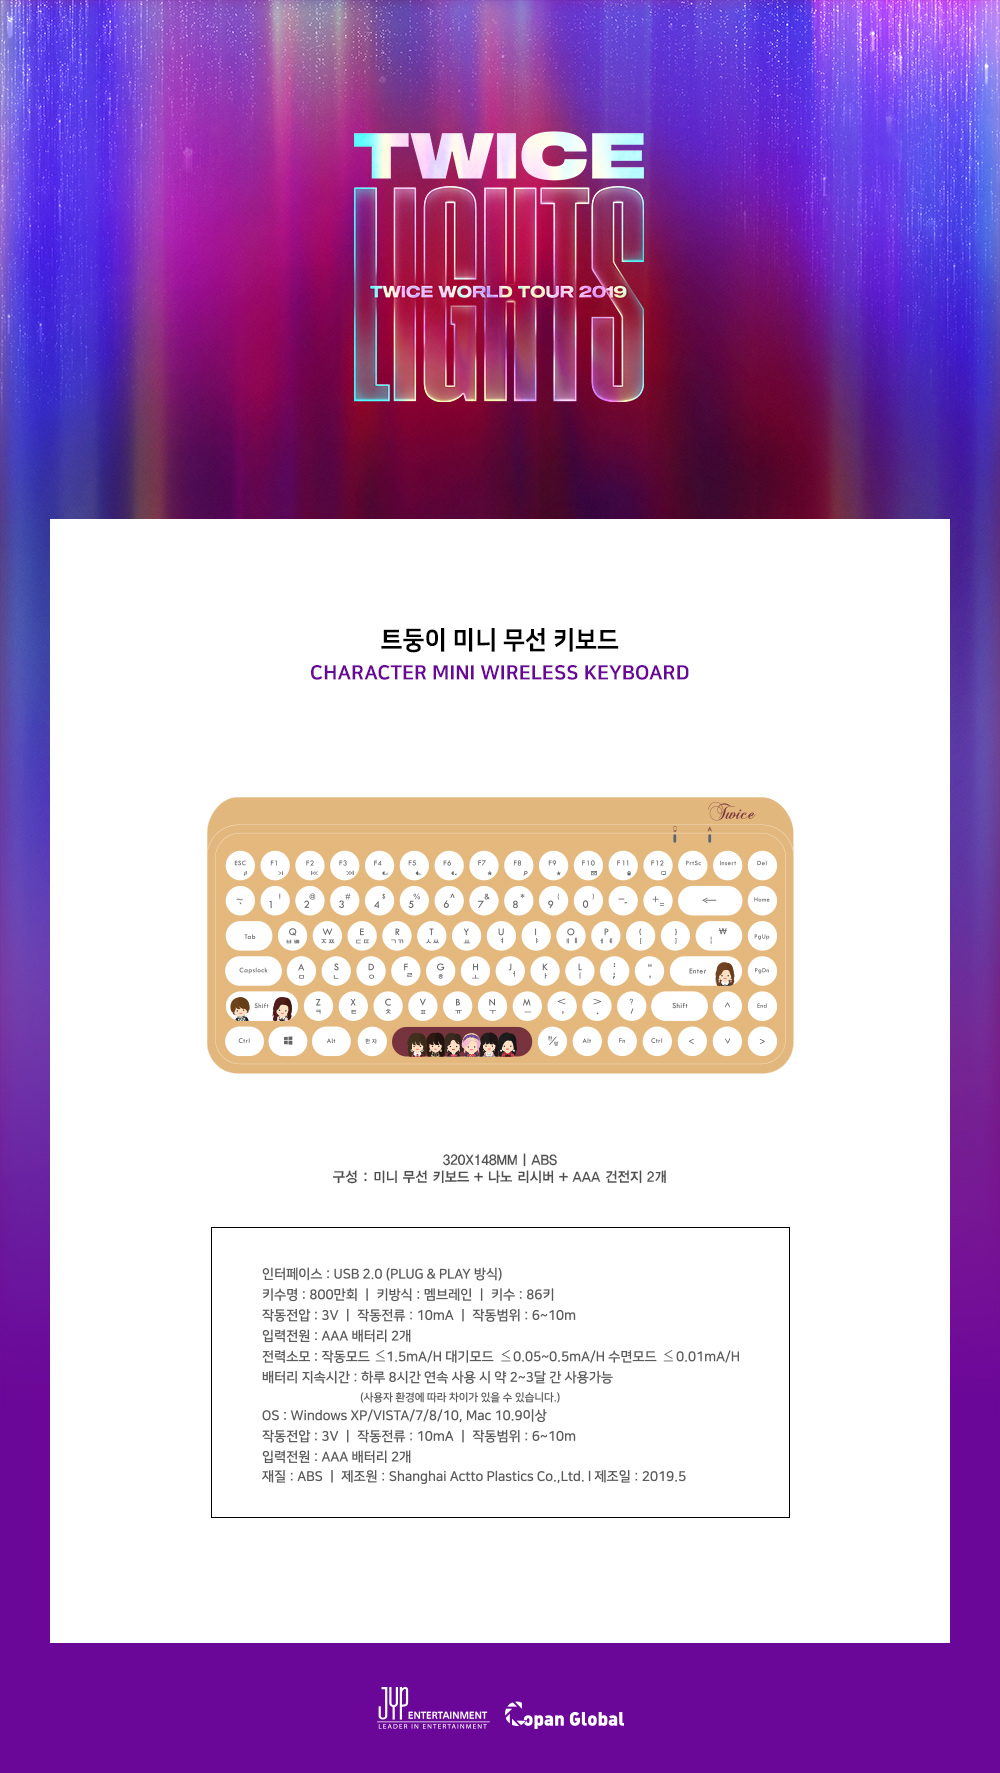 twice_lights_keyboard.jpg